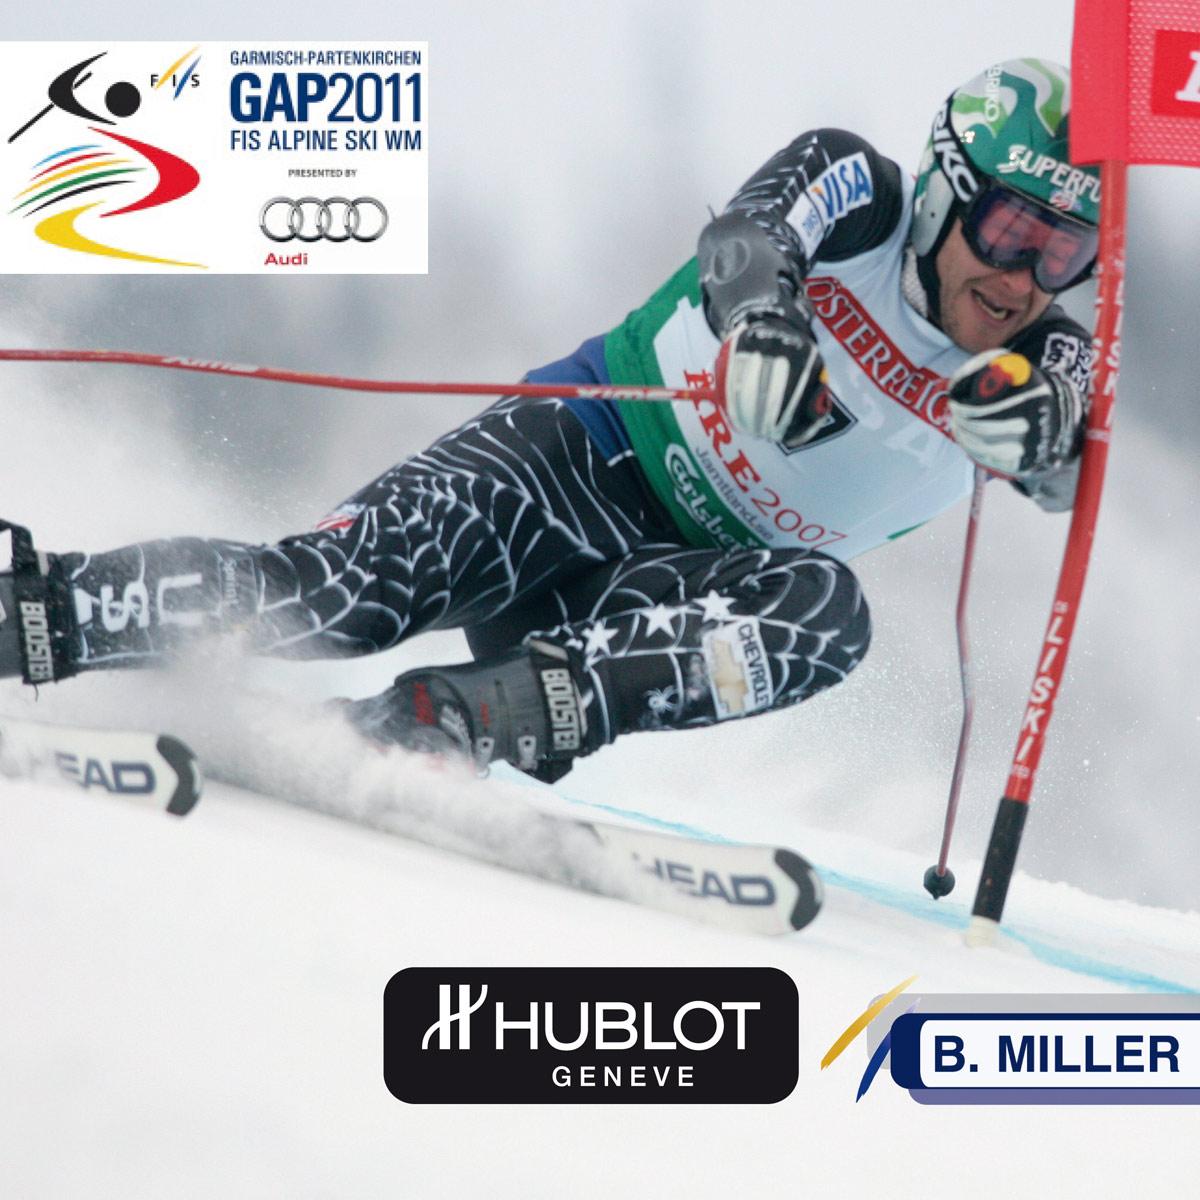 La Cote des Montres : Photo - Hublot chronométreur officiel des Championnats du Monde de ski en 2011